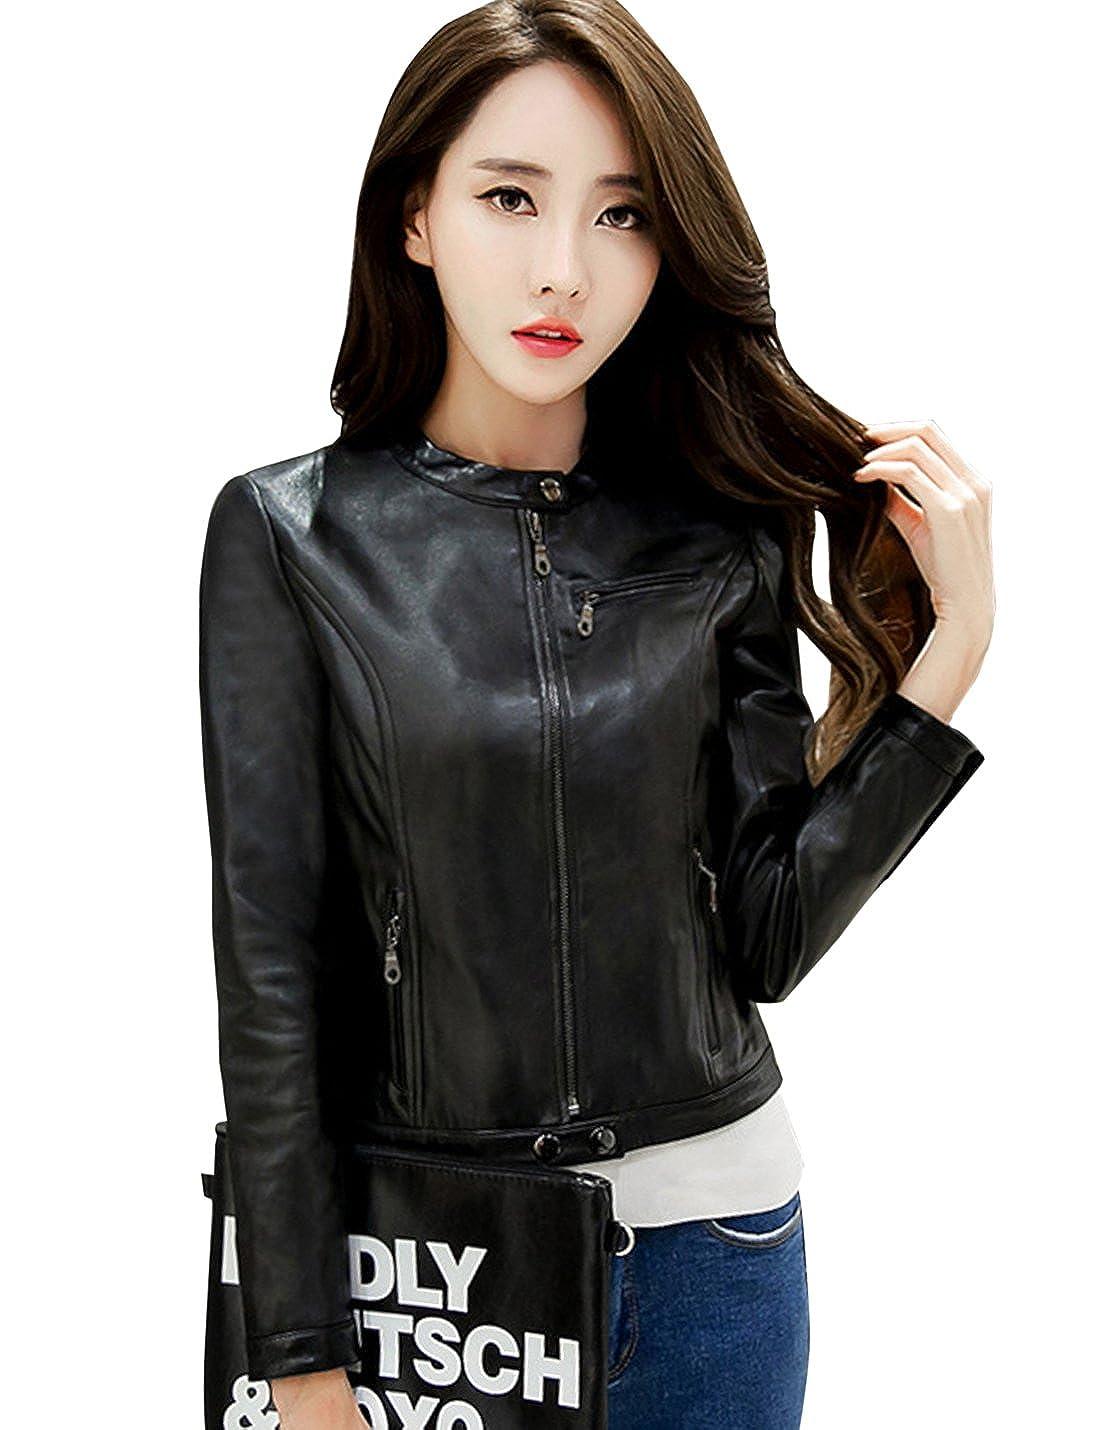 b3fbfece7 Tanming Women's Collarless Faux Leather Moto Biker Jacket at Amazon ...